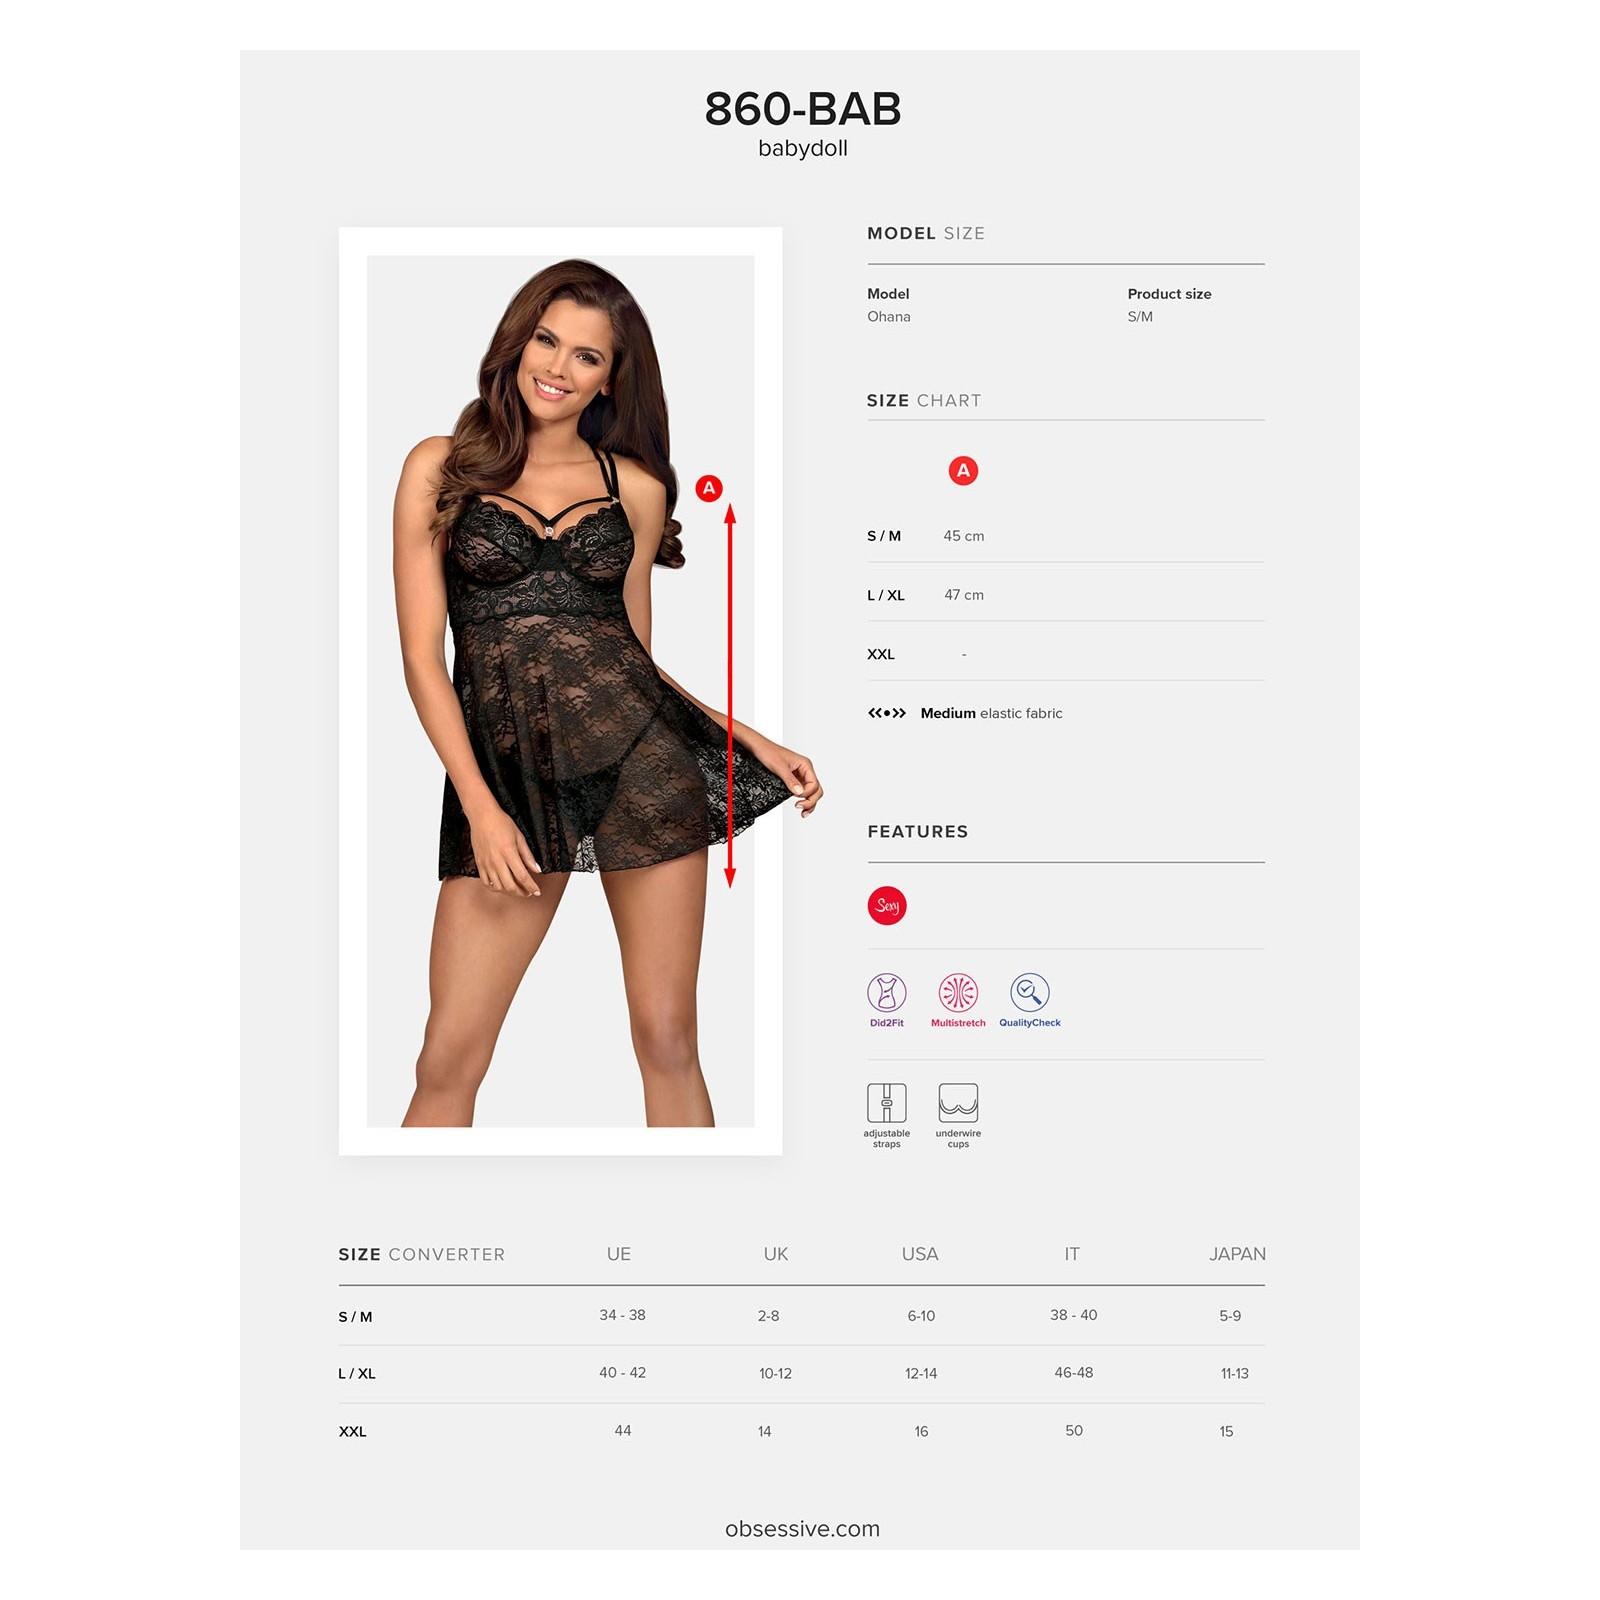 860-BAB-1 Babydoll schwarz - 7 - Vorschaubild